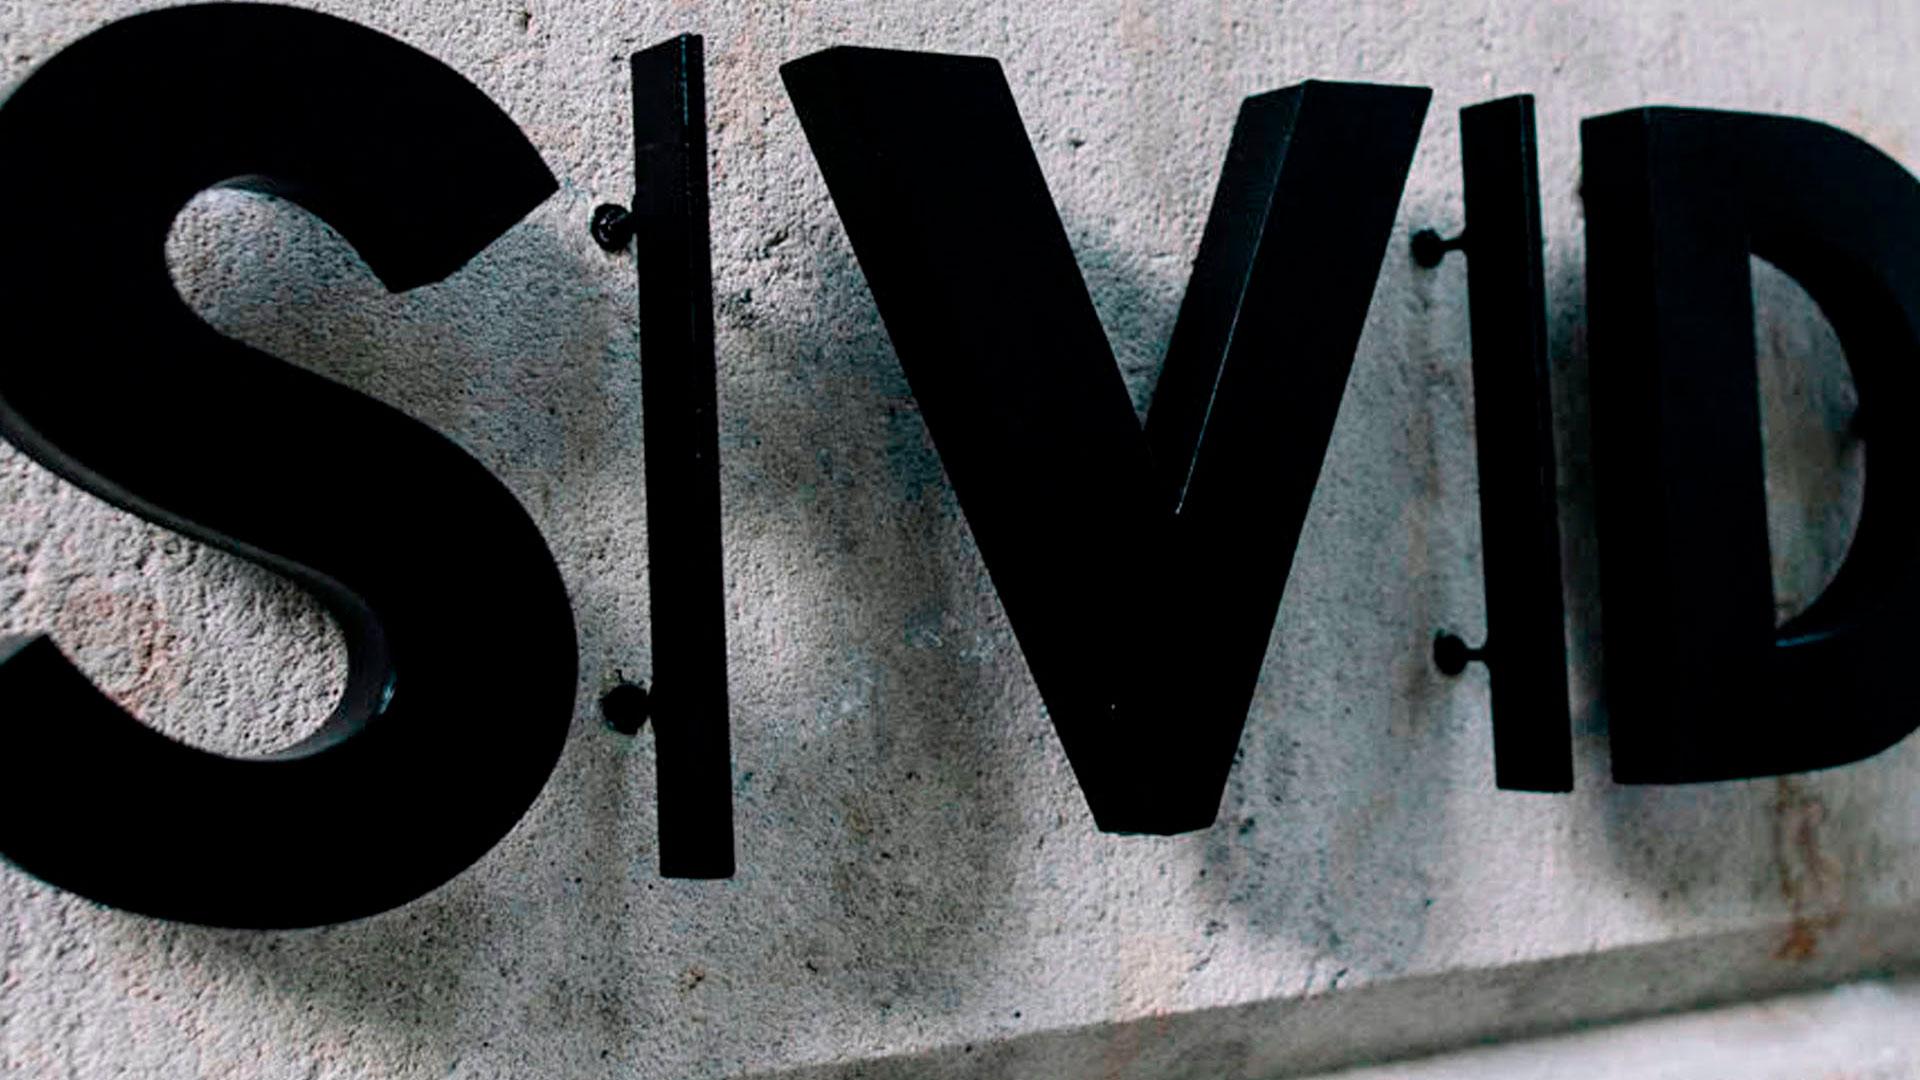 Imagen de la tienda de zapatillas Sivasdescalzo